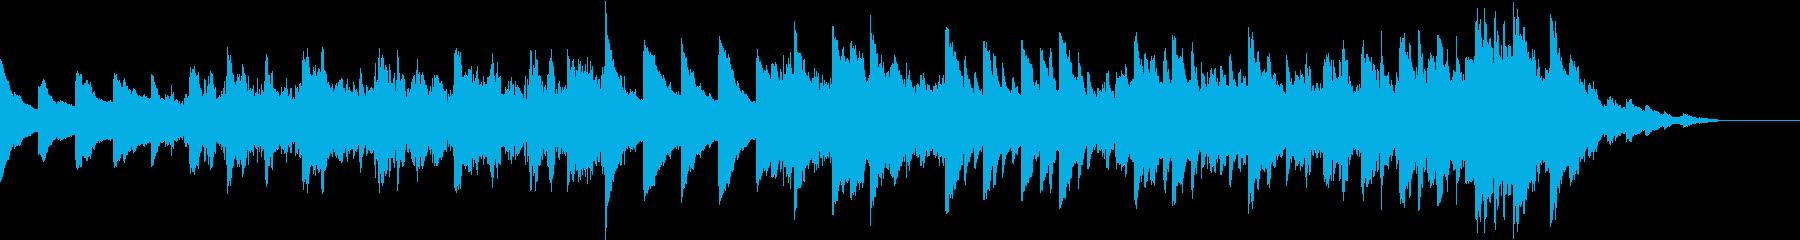 神秘的なシンセサイザーの幻想的なBGMの再生済みの波形